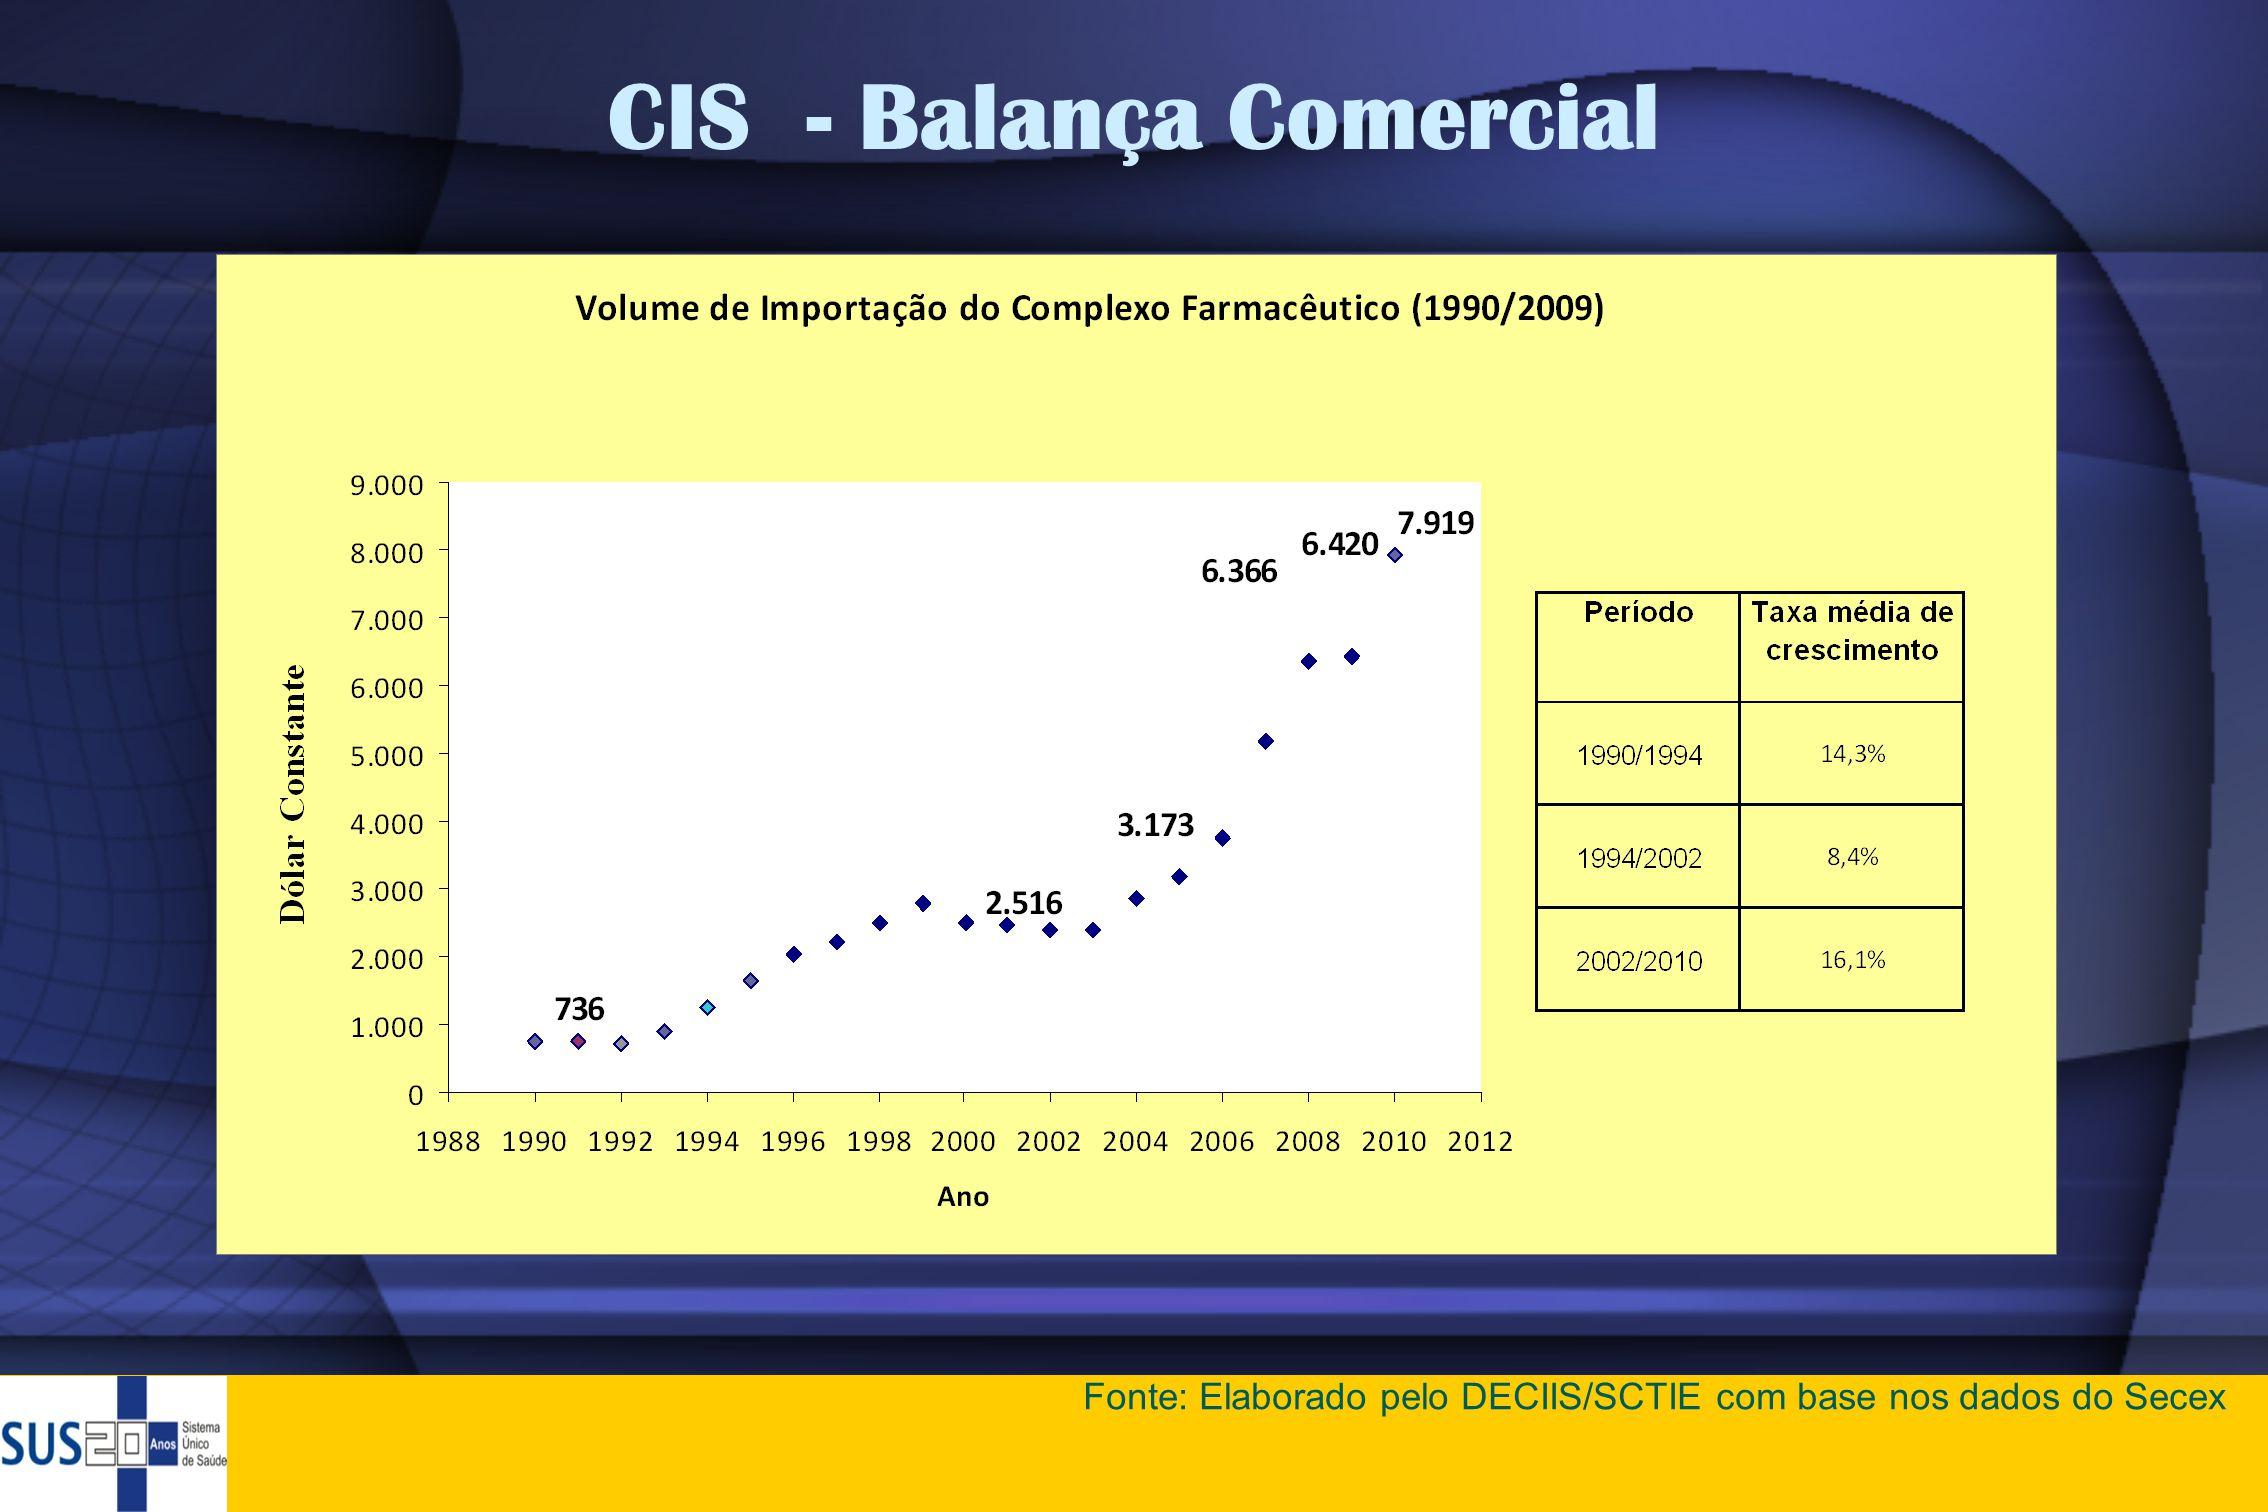 CIS - Balança Comercial